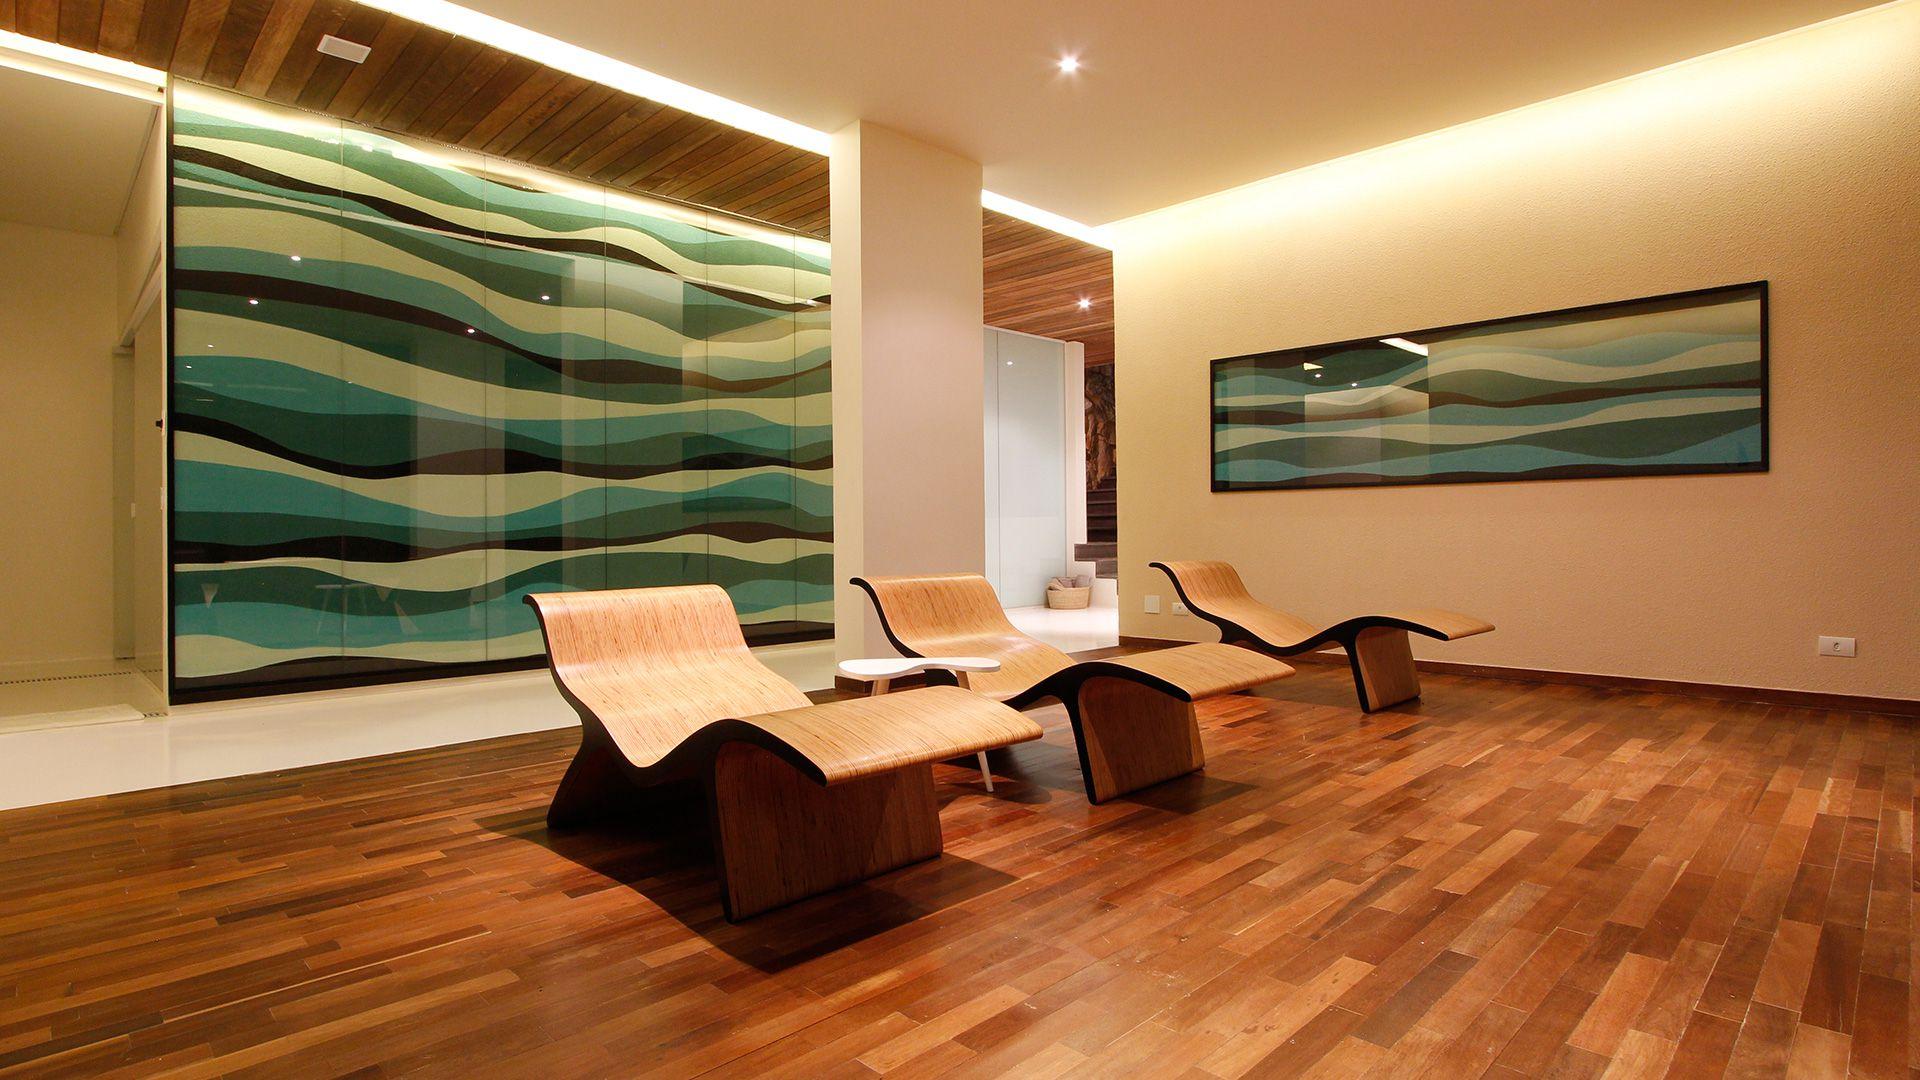 10-spa-hotel-botanique-foto-sal-mobiliario-e-serigrafia